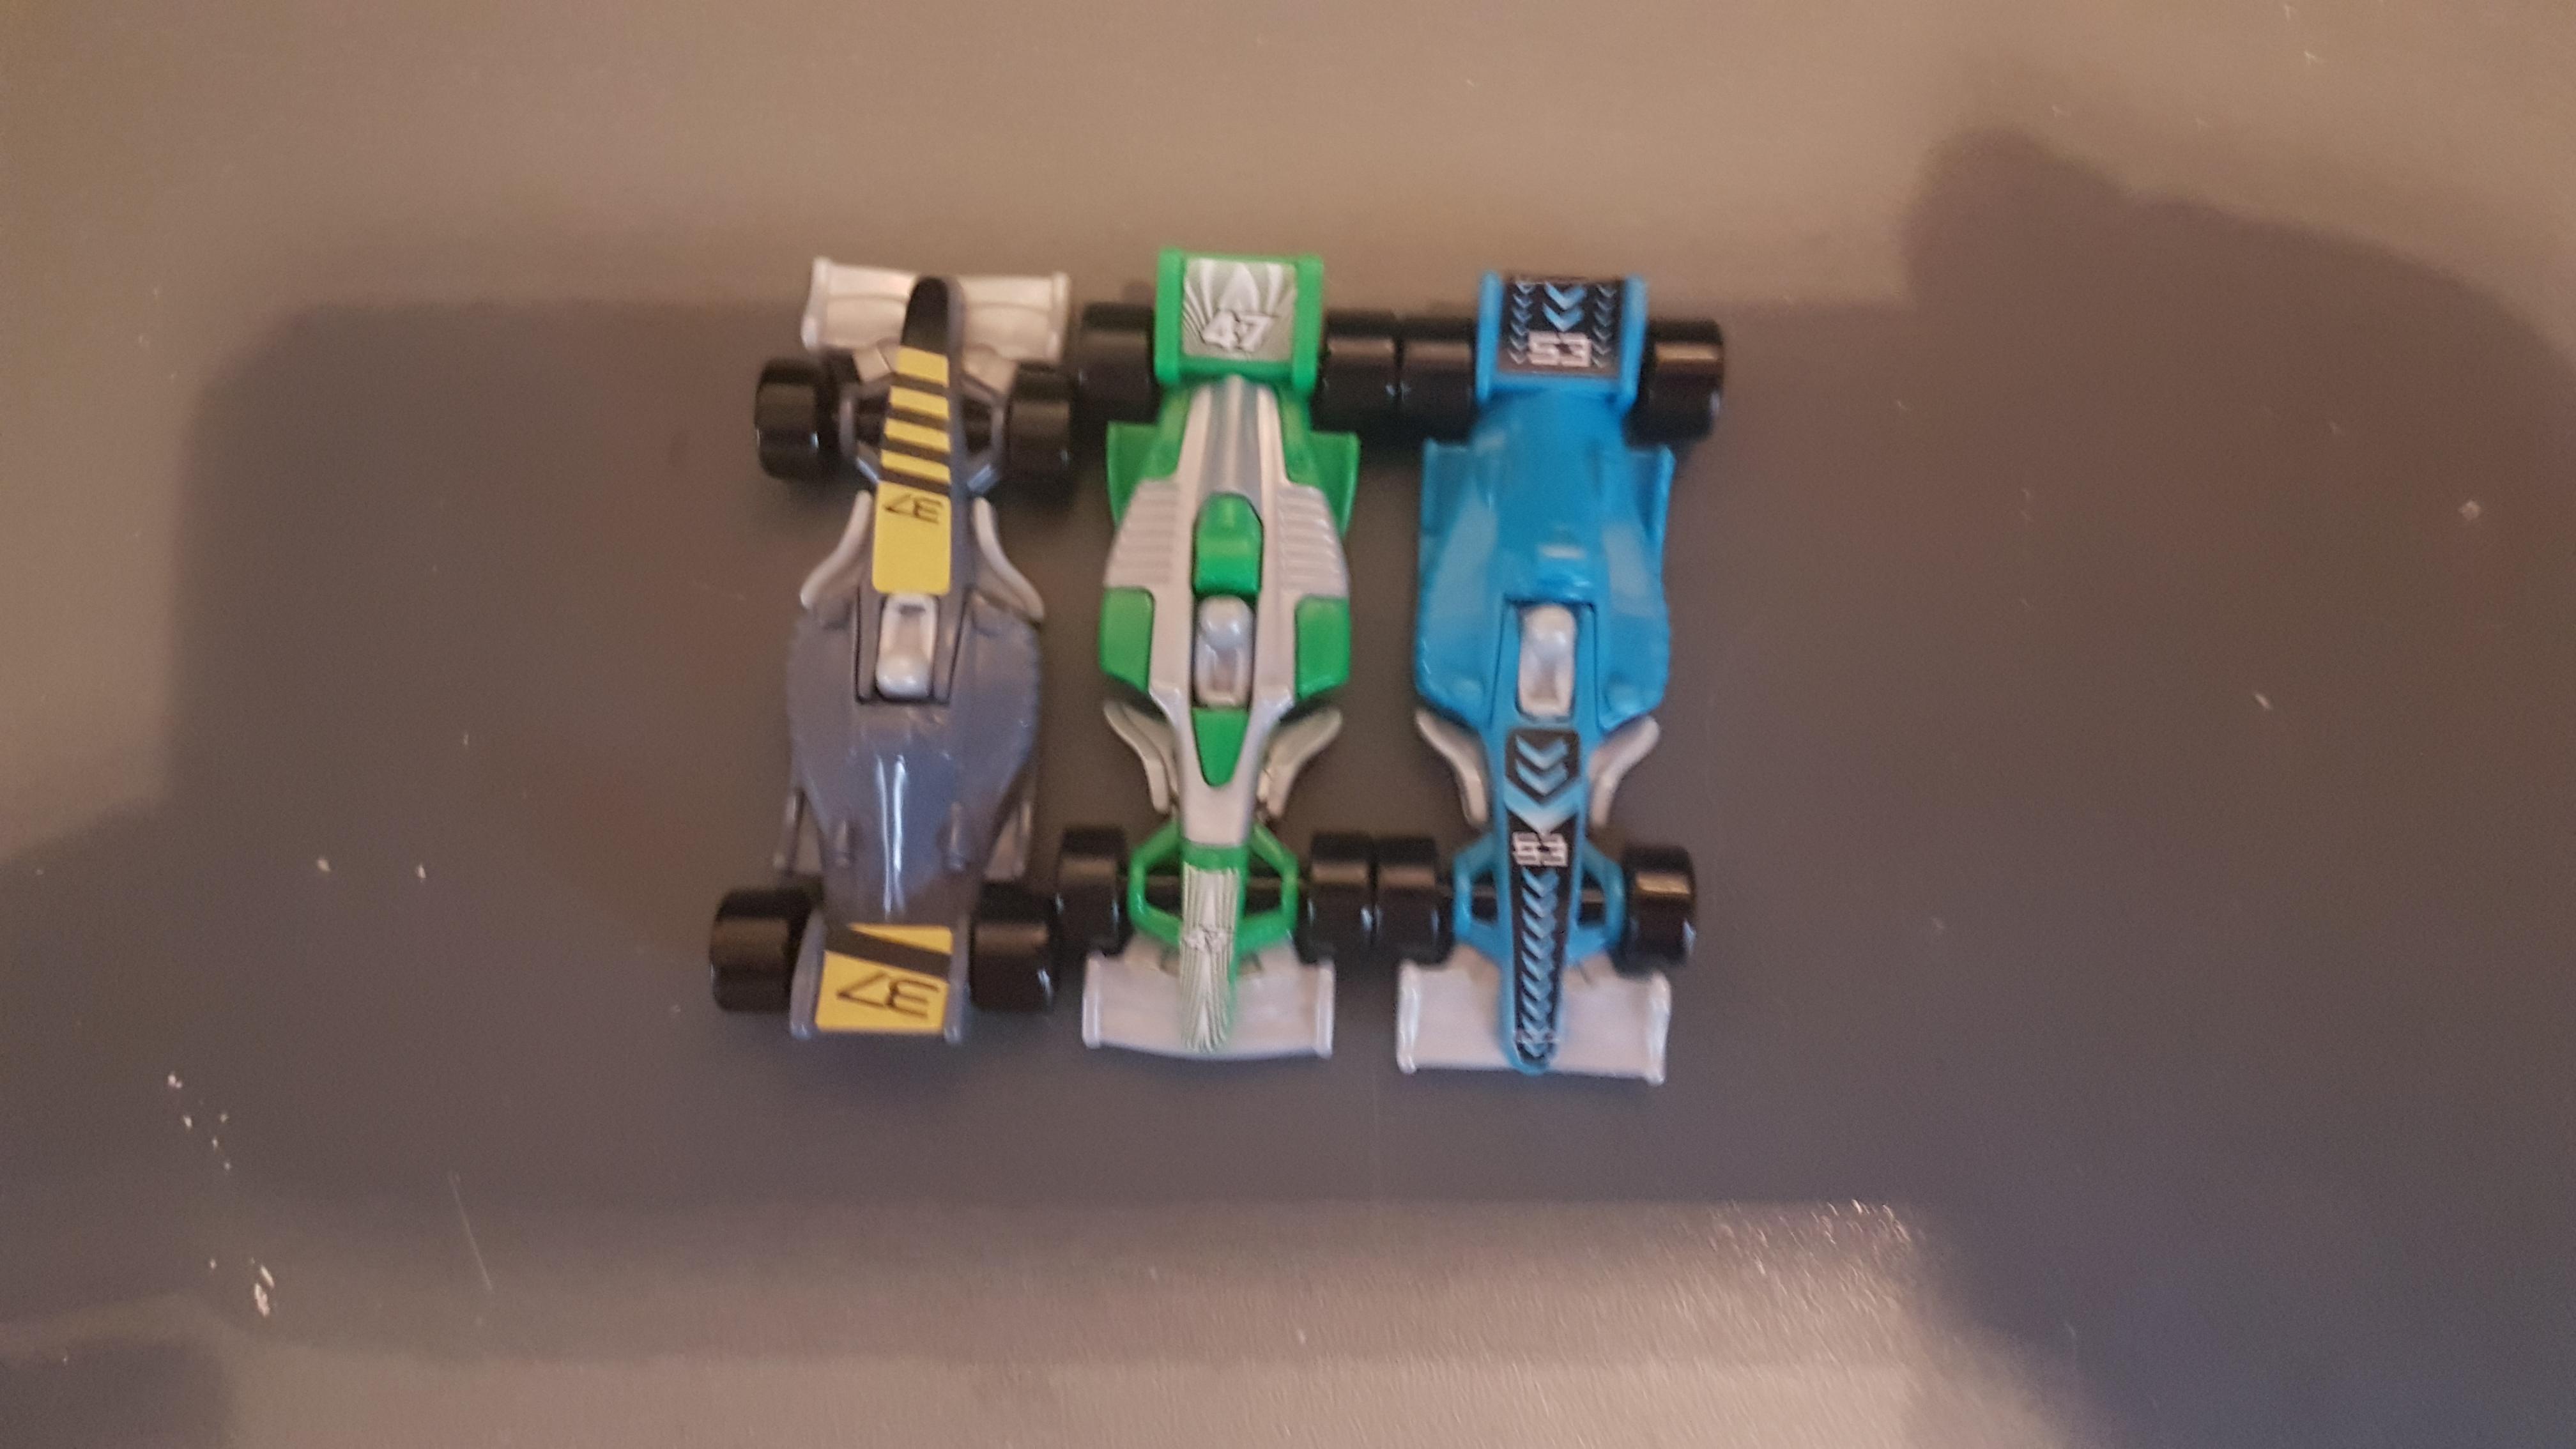 troc de troc reserve figurines kinder voitures image 0